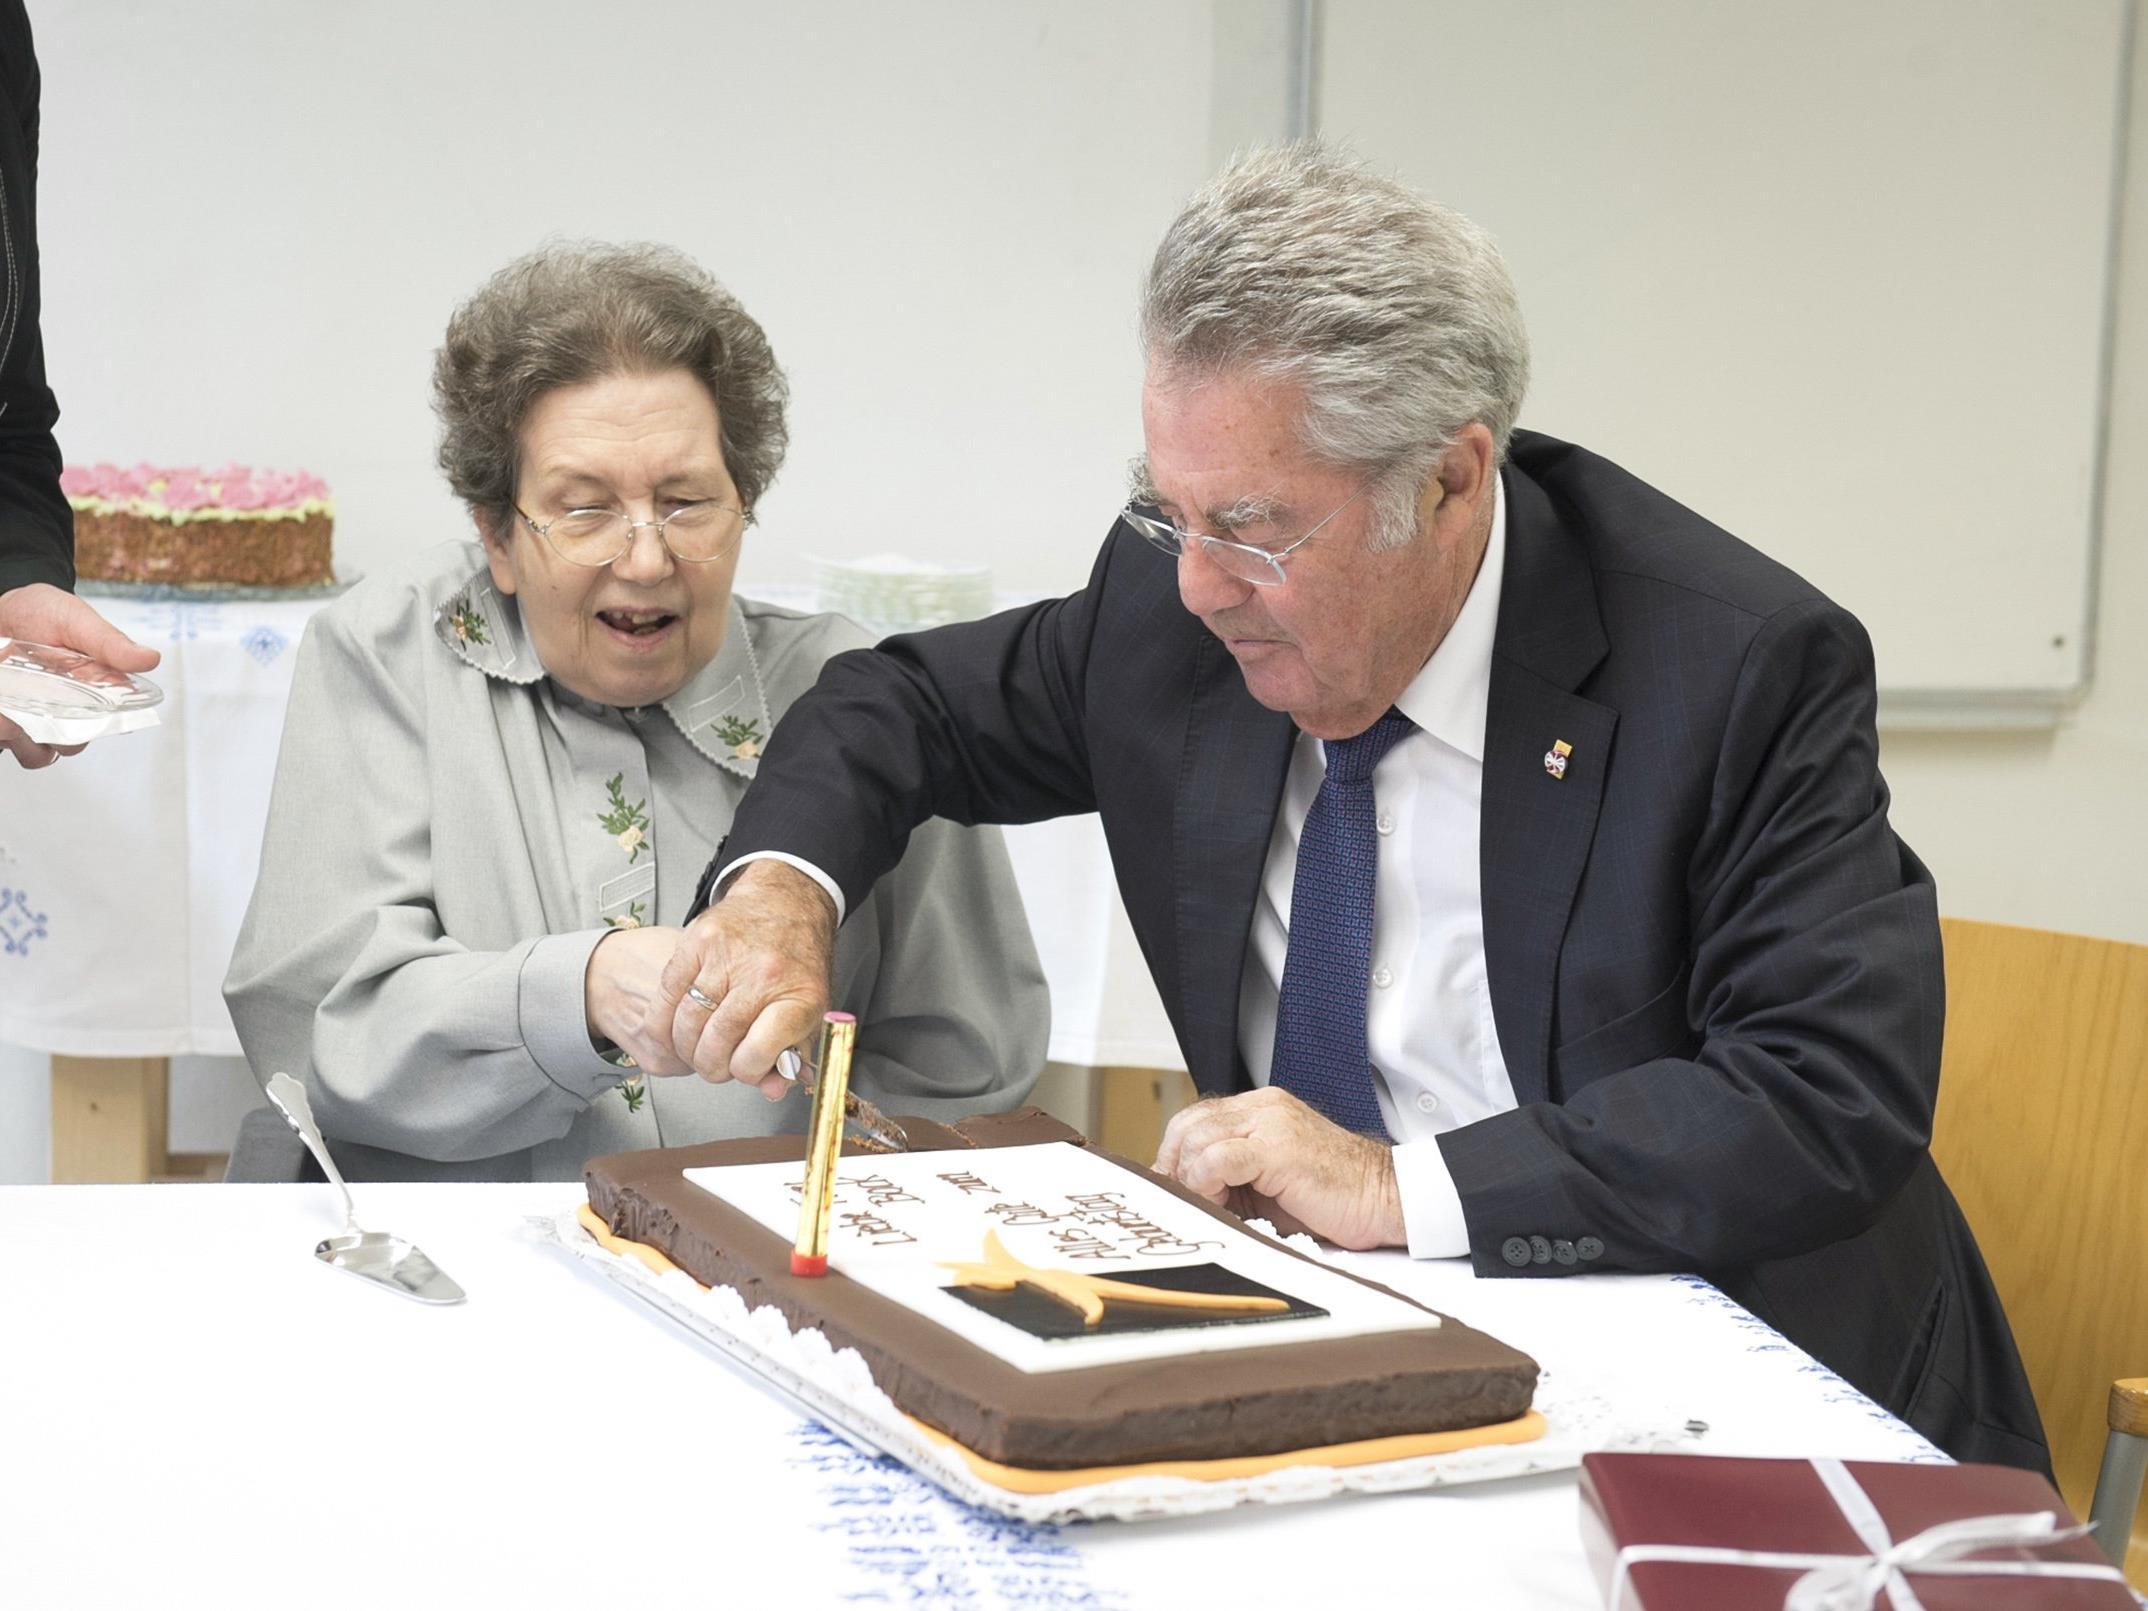 Heinz Fischer brachte Ute Bock einen Kuchen zum 74. Geburtstag mit.